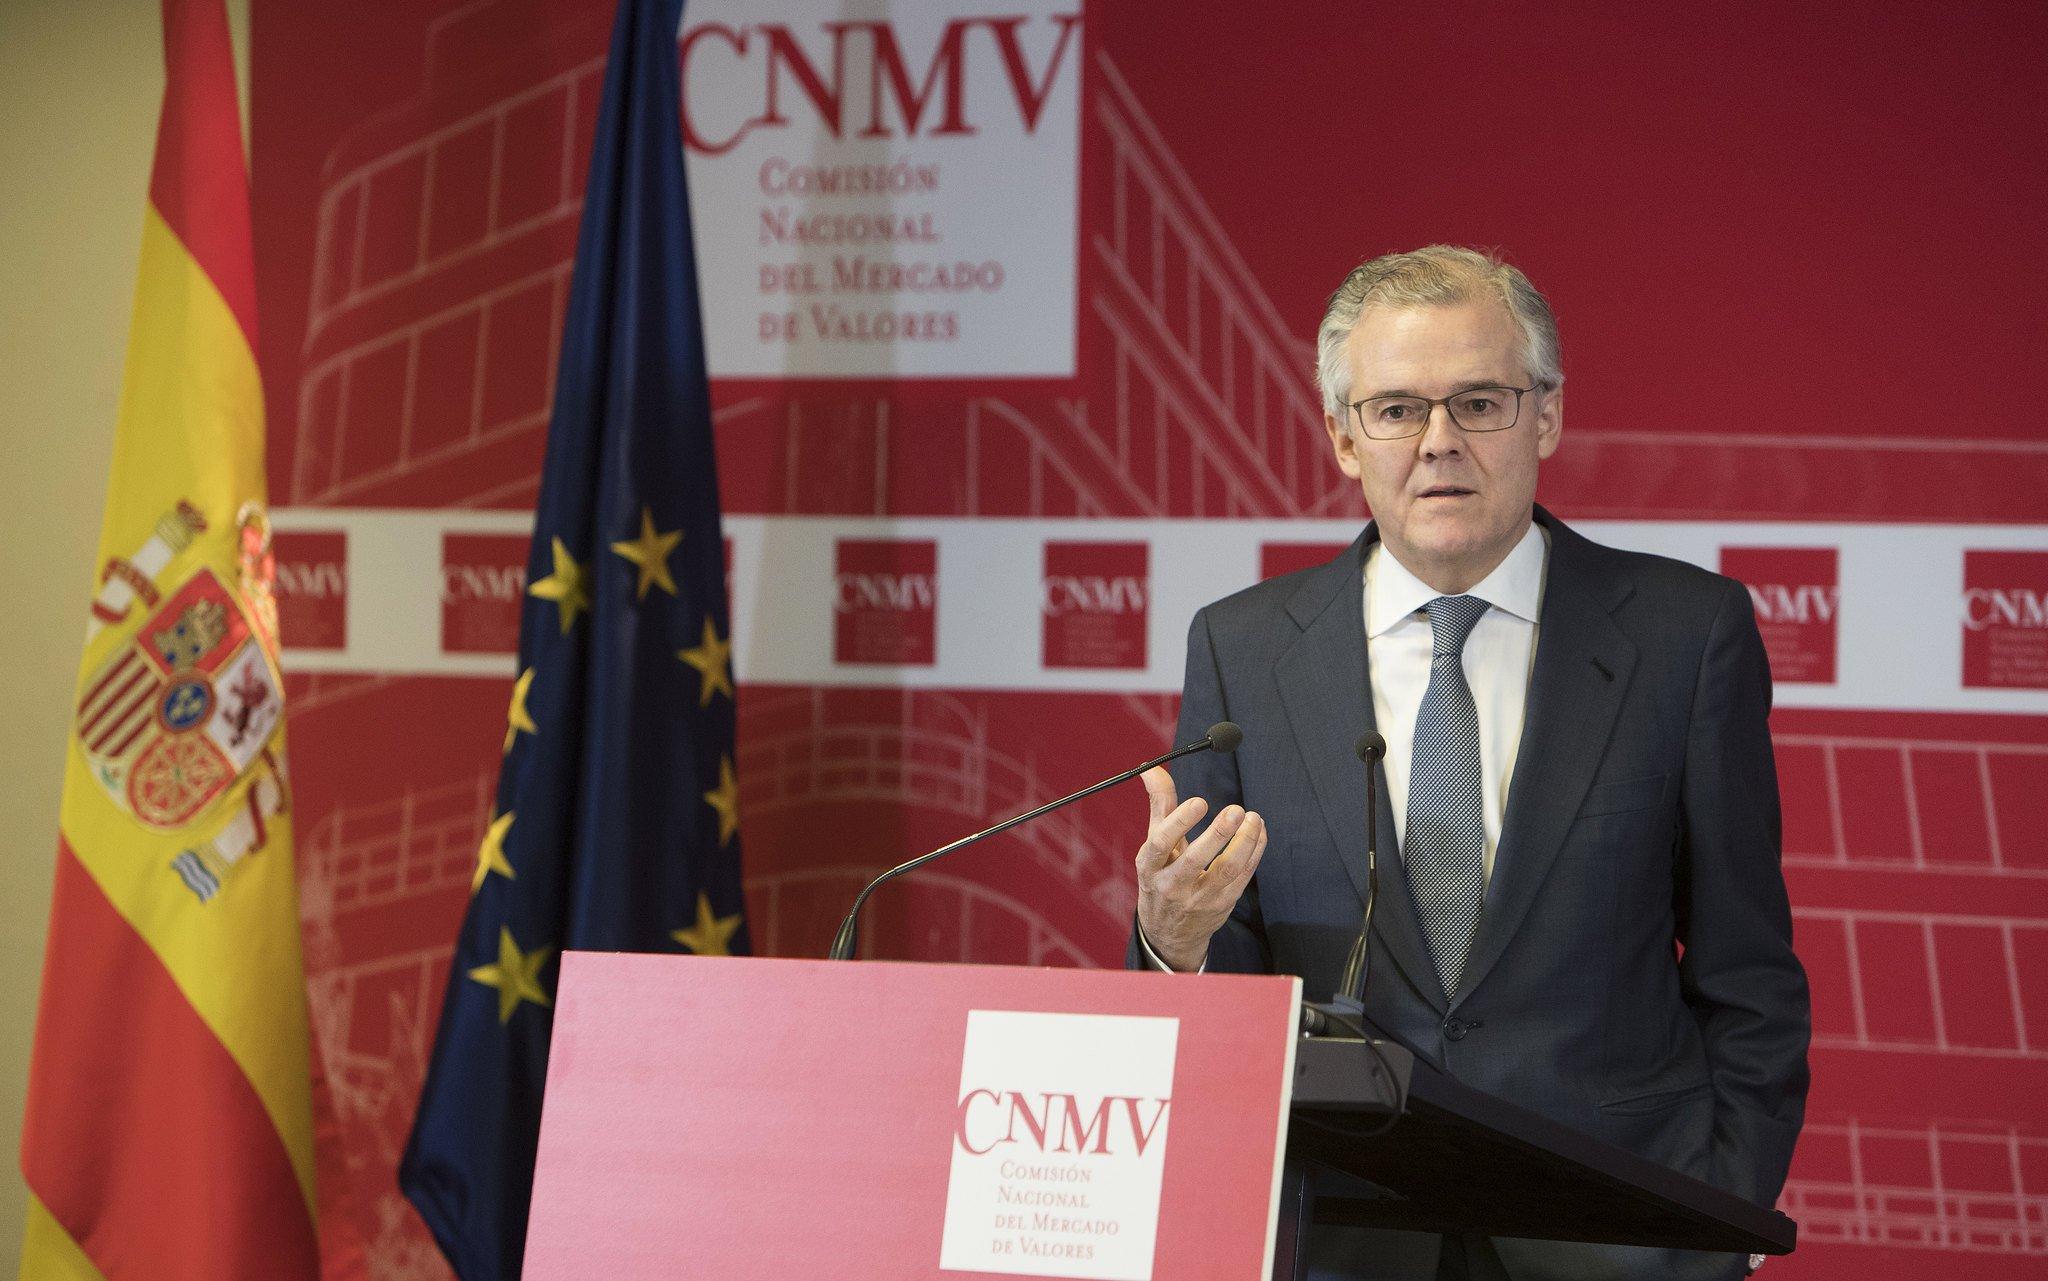 CNMV. Sebastián Albella: un burócrata opaco